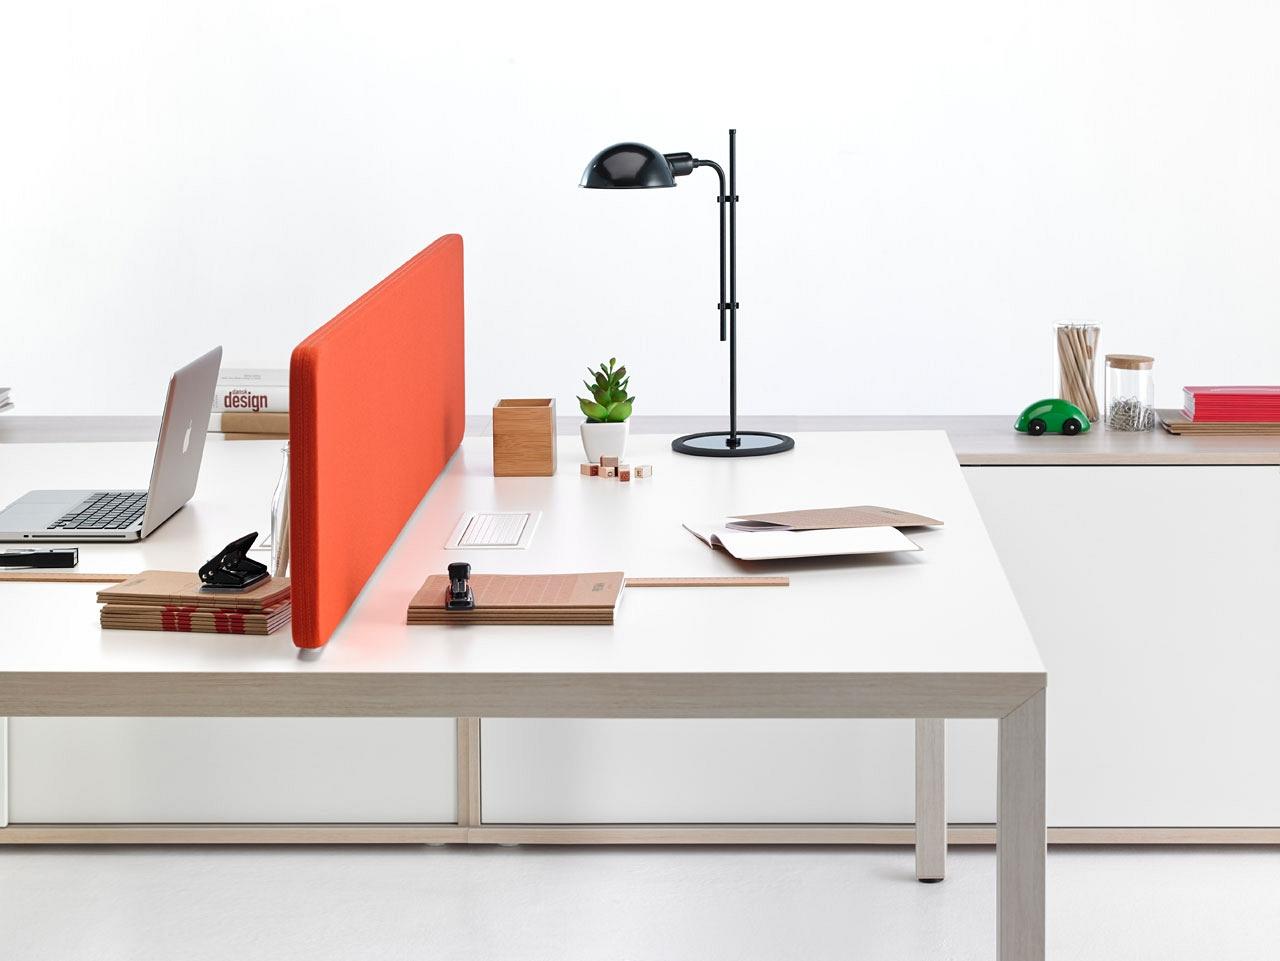 dizajnovy pracovny stol s pisacimi potrebami